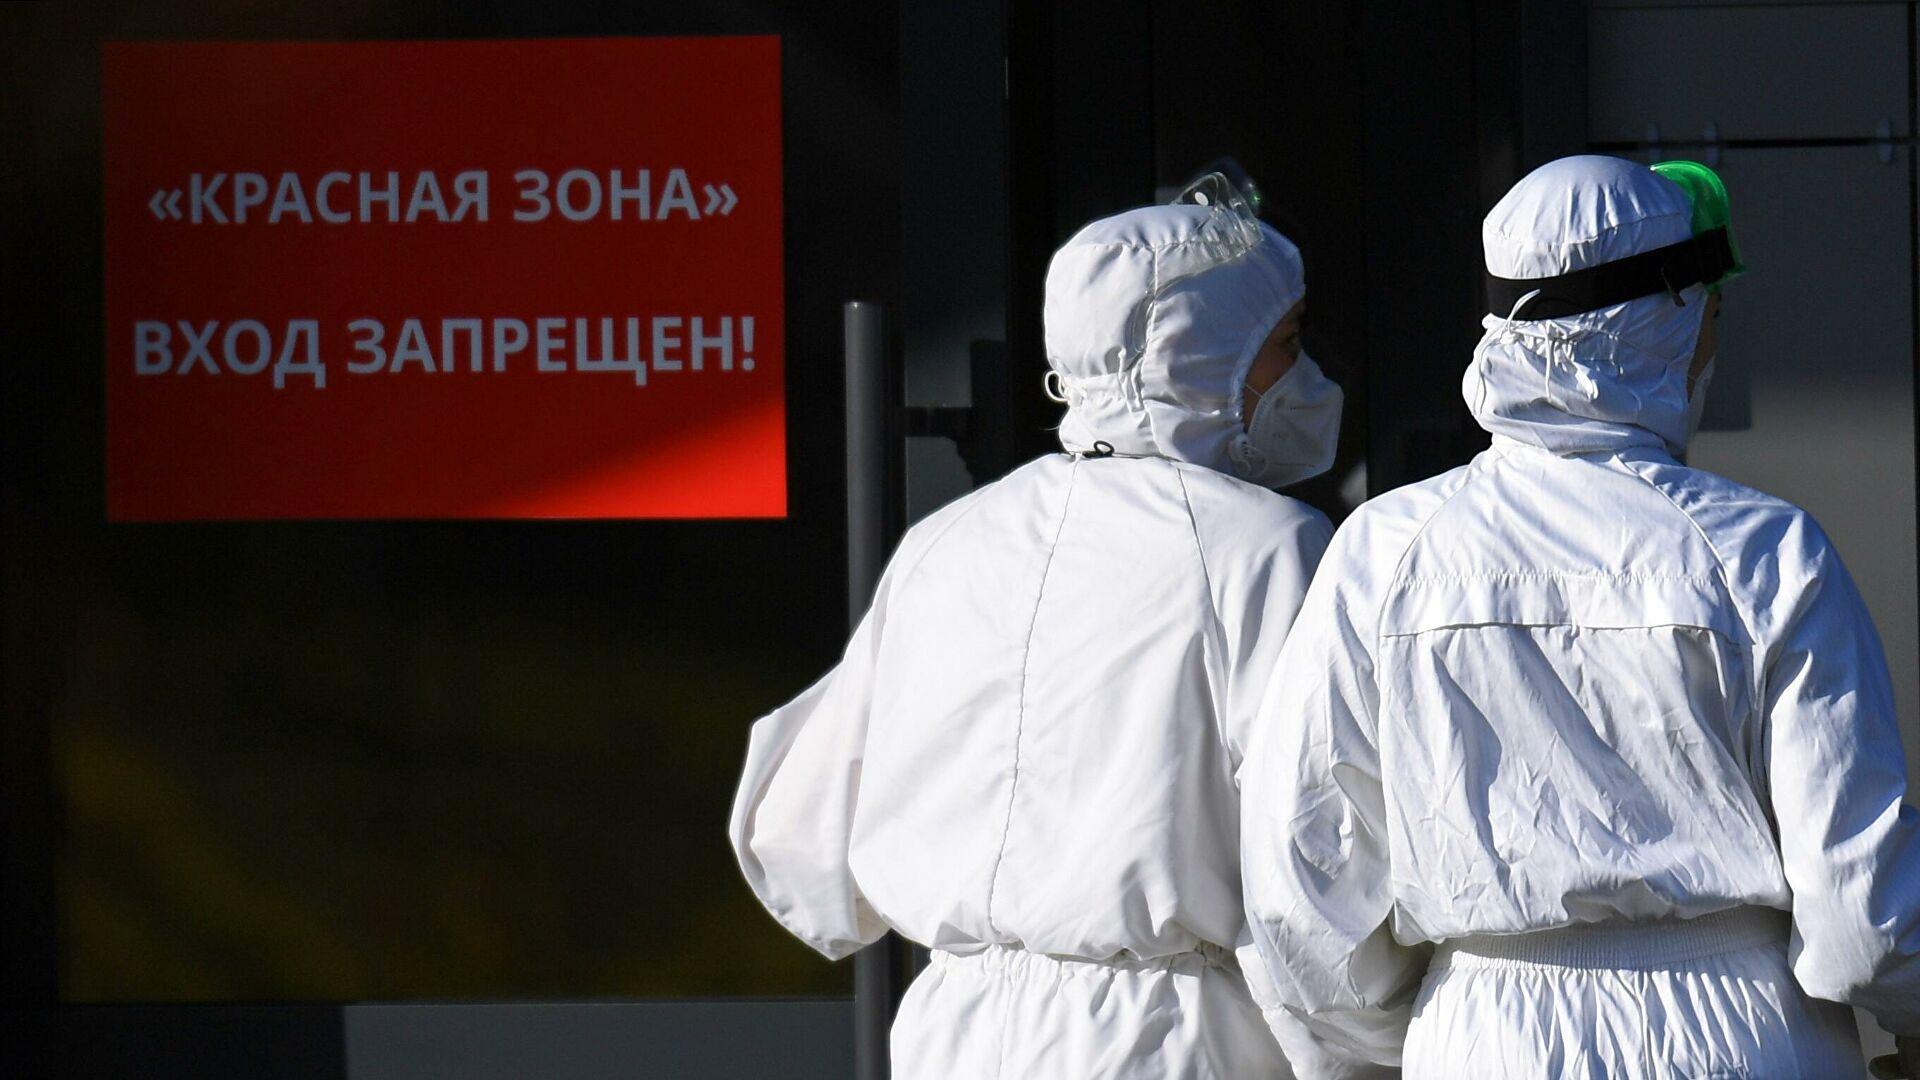 一部关于冠状病毒大流行的纪录片正在俄罗斯和中国拍摄